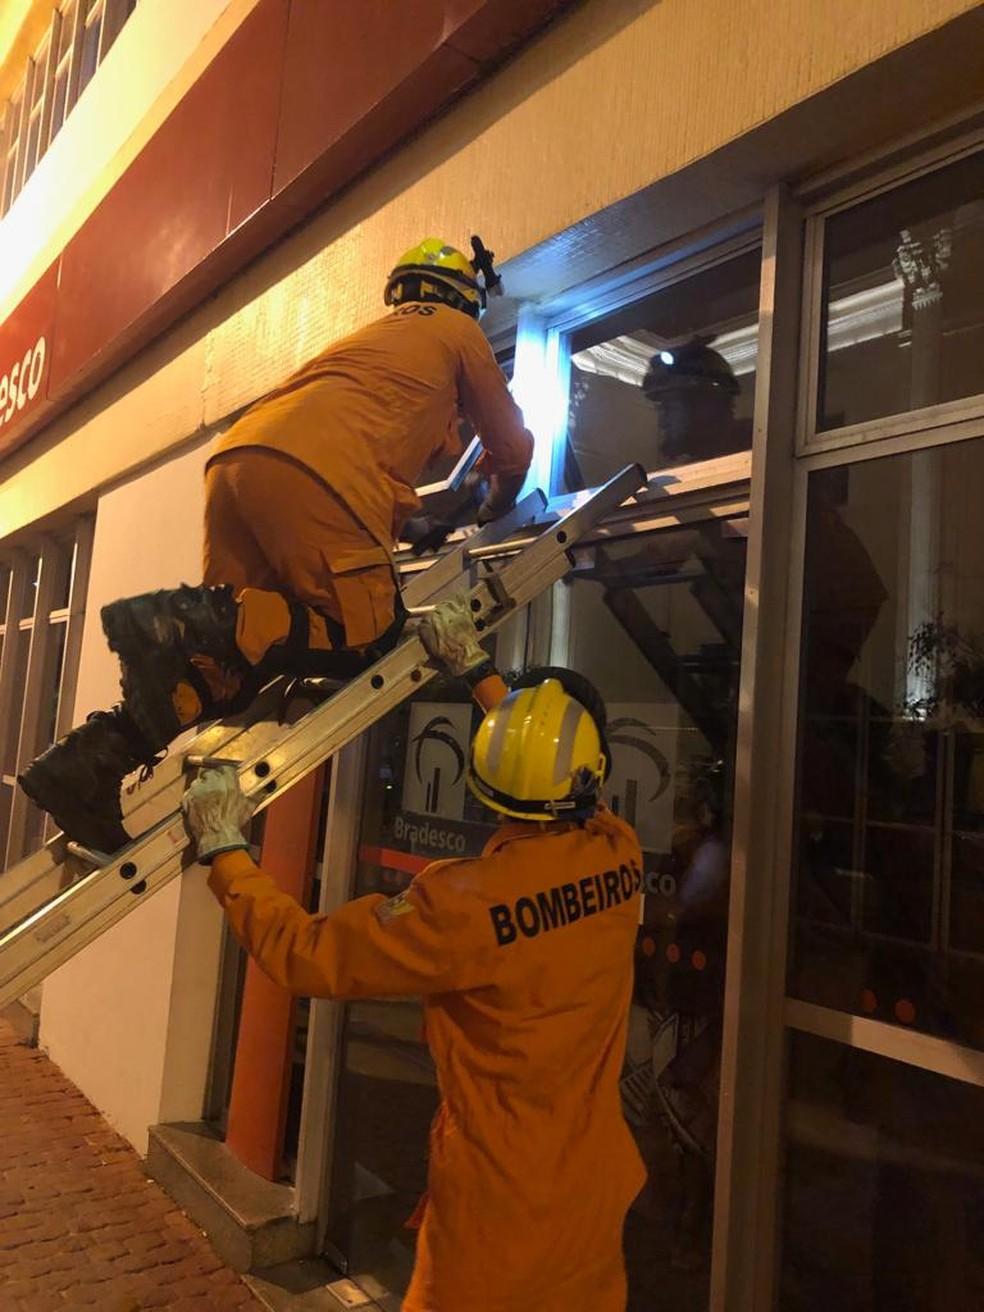 Bombeiros entraram pela janela para resgatar homem e criança presos dentro de agência bancária em Maceió — Foto: Divulgação/Corpo de Bombeiros de Alagoas